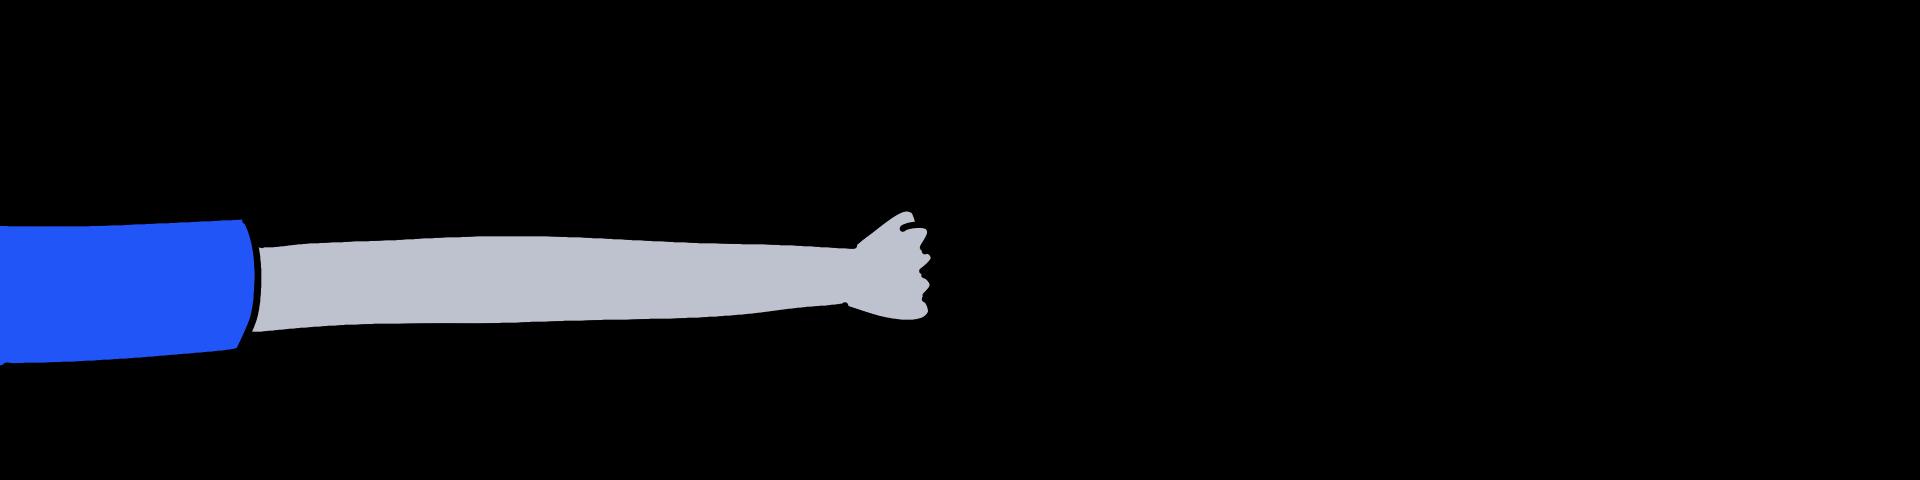 Hands-9